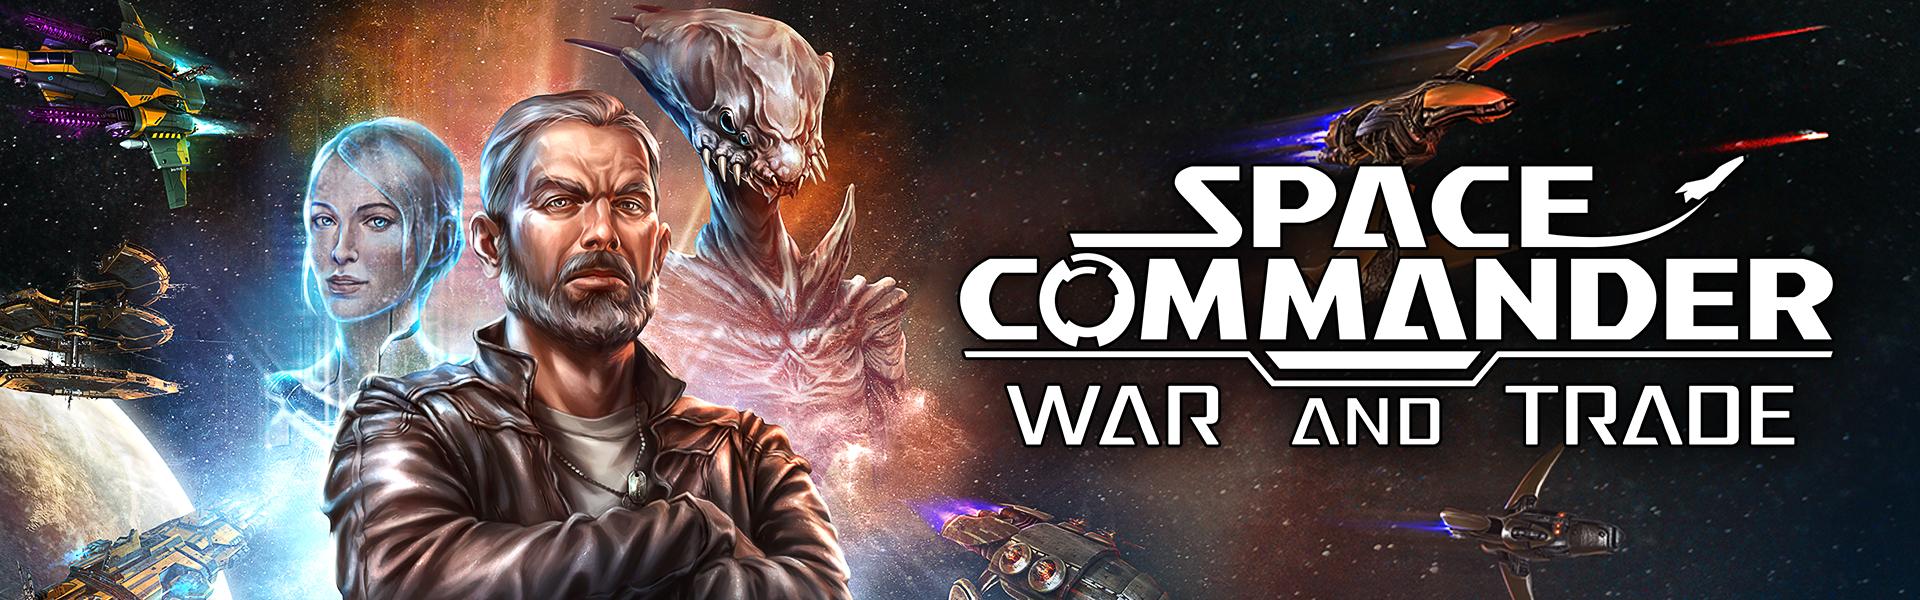 Space Commander: War and Trade zadebiutuje na Nintendo Switch już w przyszłym miesiącu 1